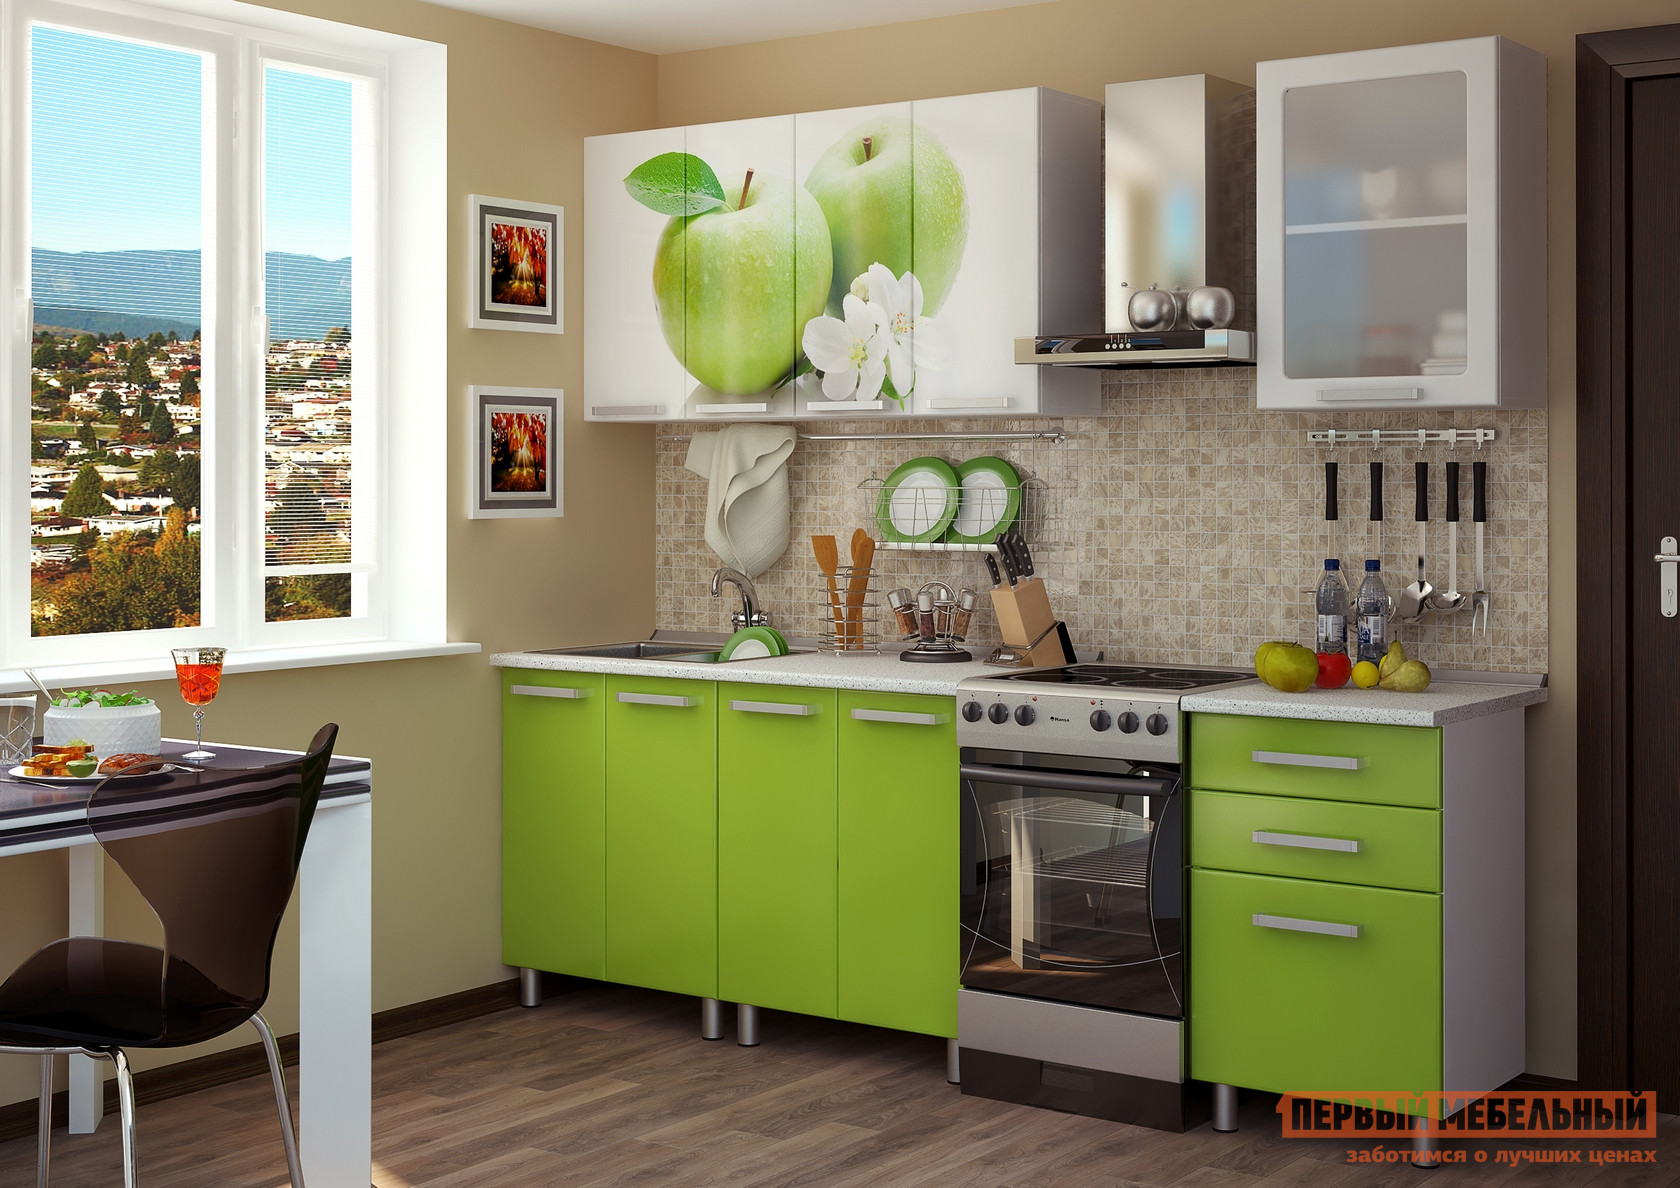 Кухонный гарнитур Первый Мебельный Яблоко МДФ 180 см кухонный гарнитур трия оливия 180 см